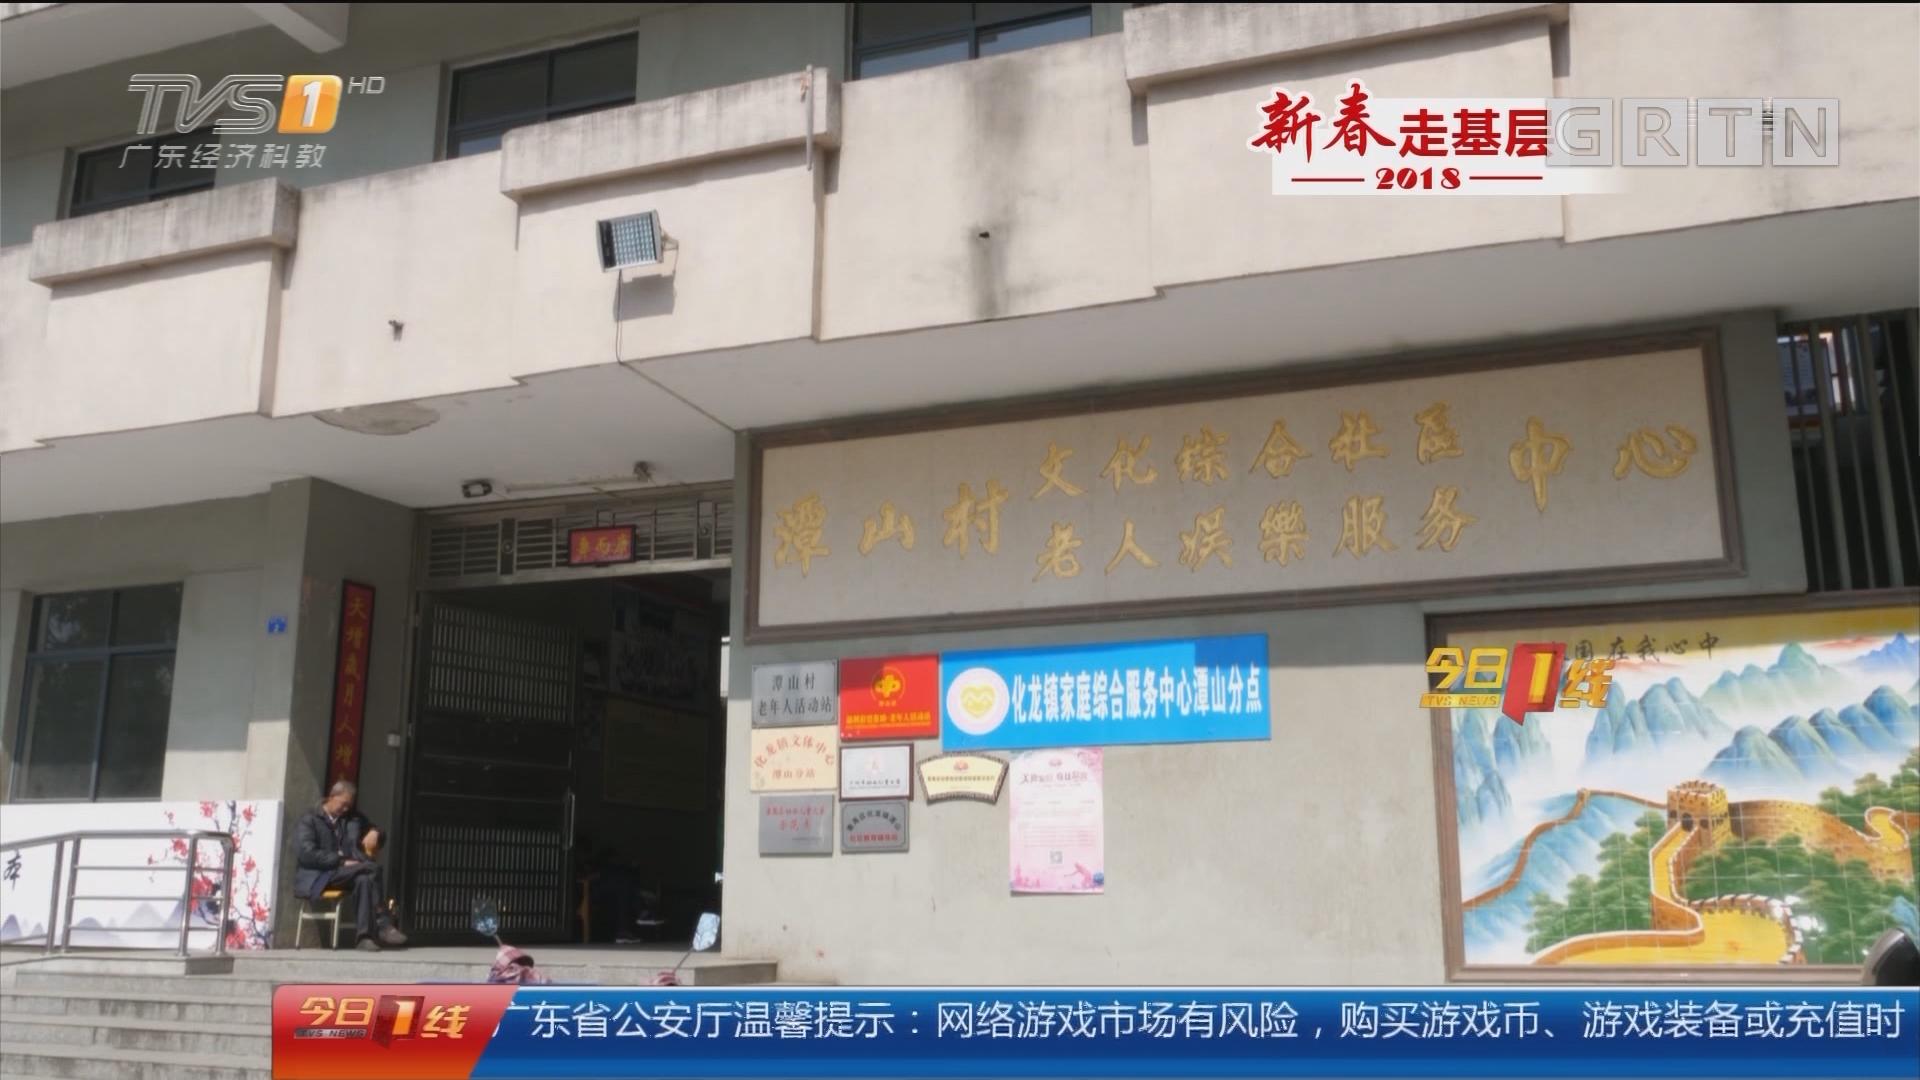 新春走基层:广东最美社区 番禺潭山村:依特色文化促社区和谐